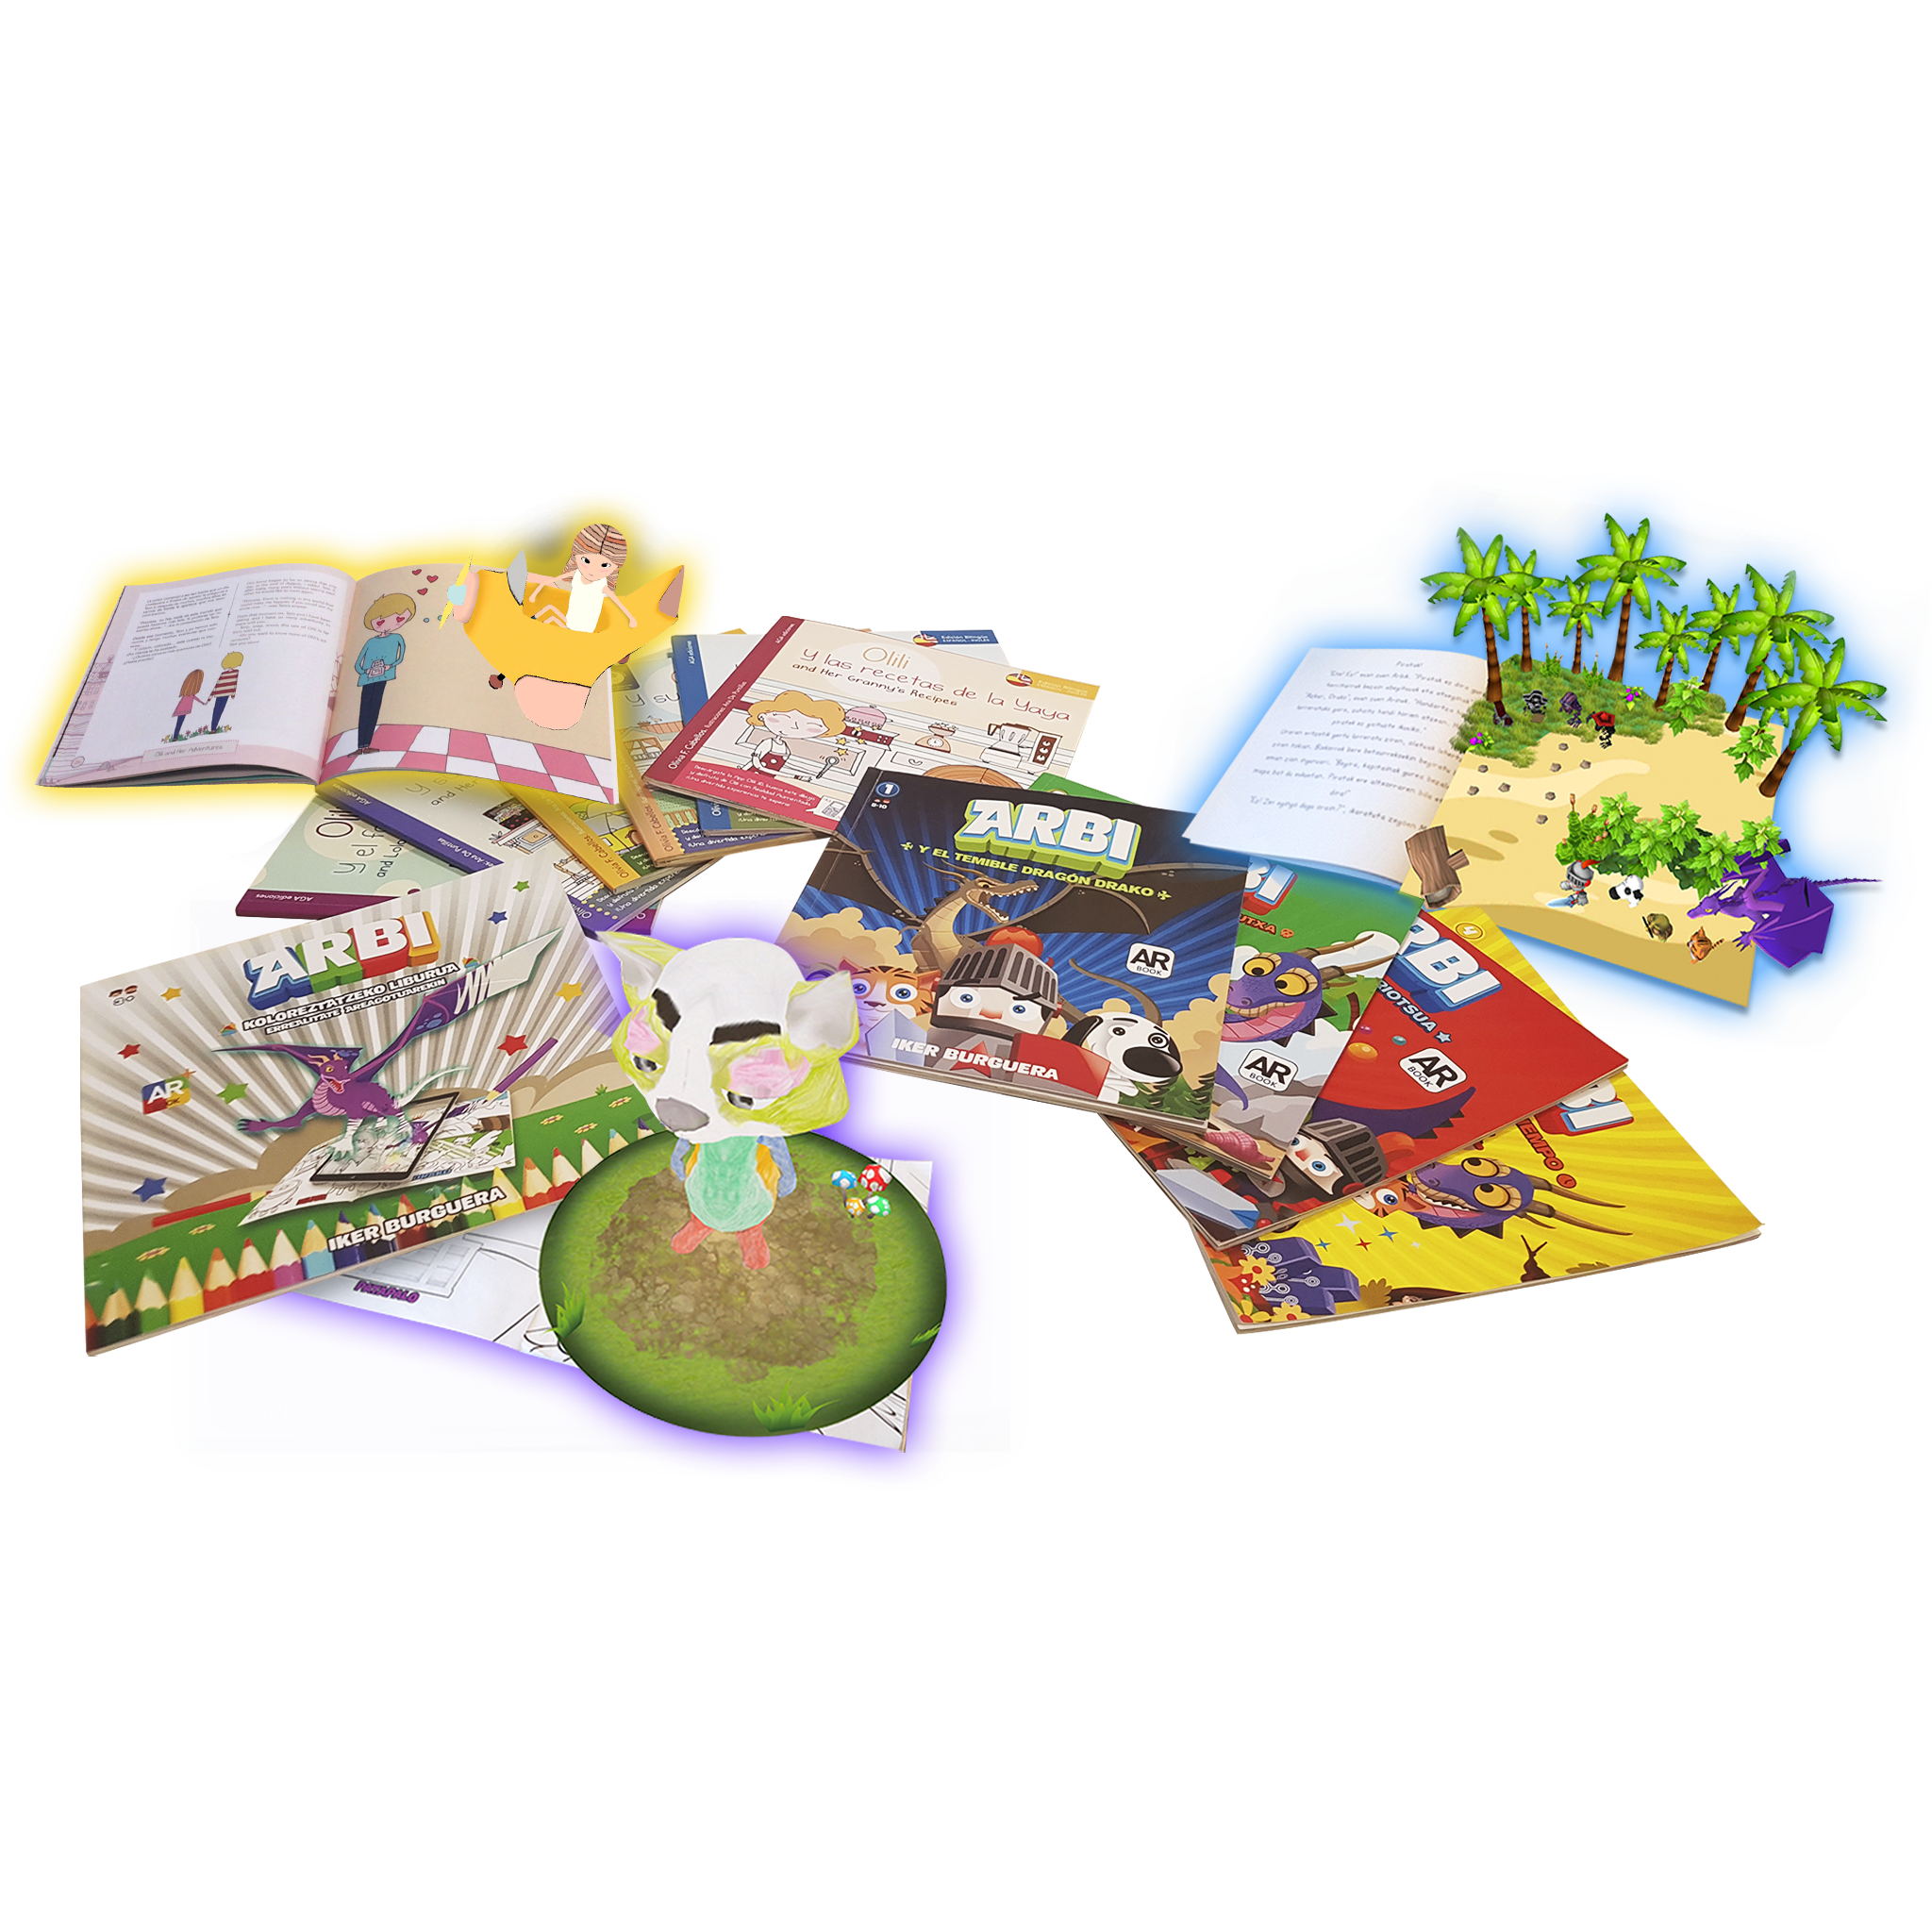 libros educativos realidad aumentada arbi